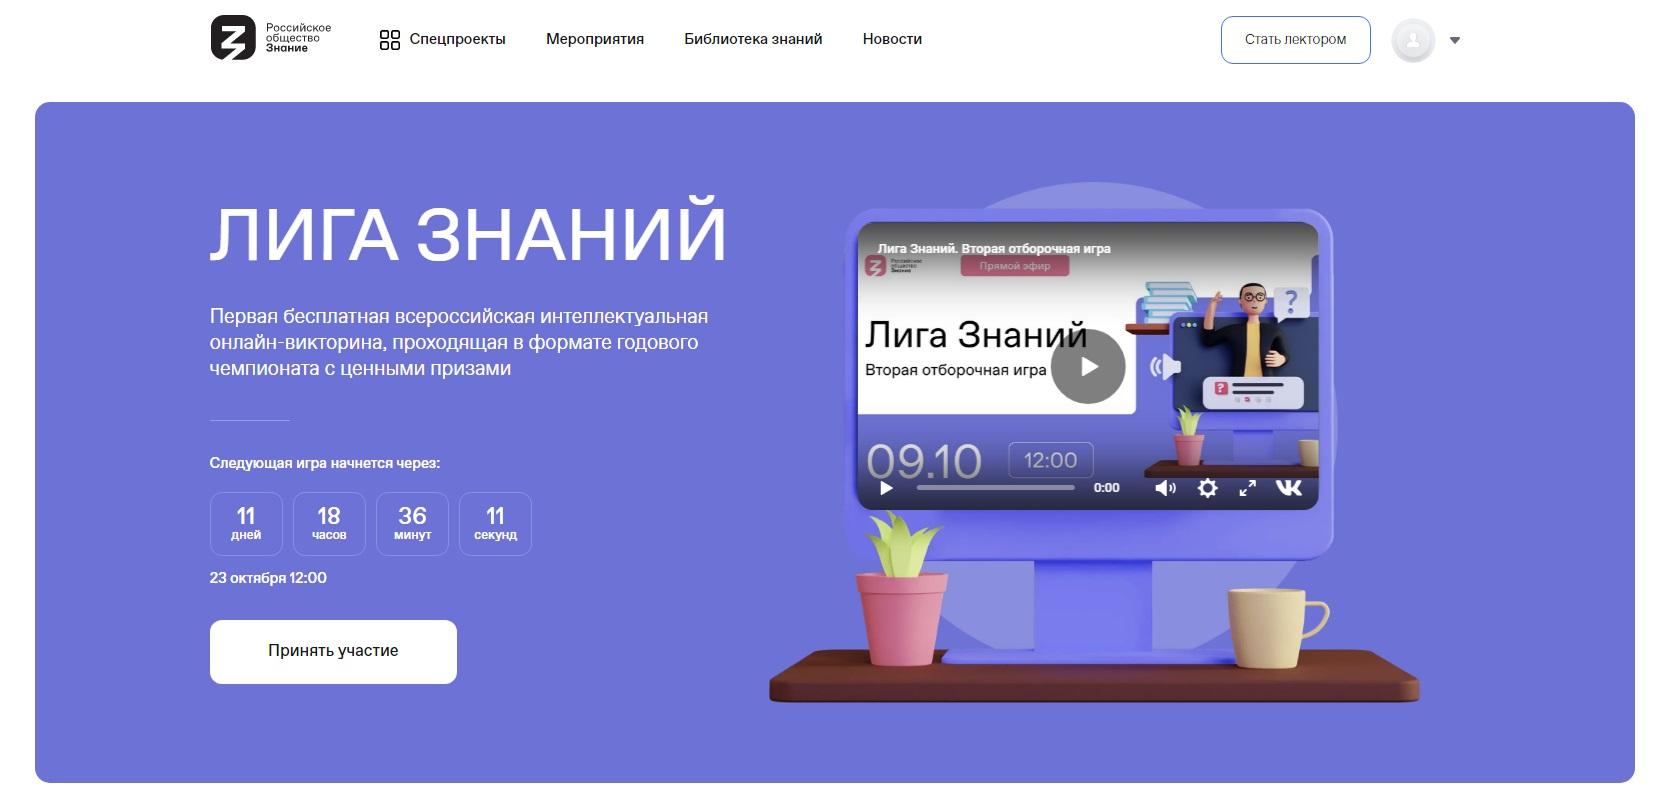 Ярославцы примут участие в интеллектуальной викторине «Лига знаний»